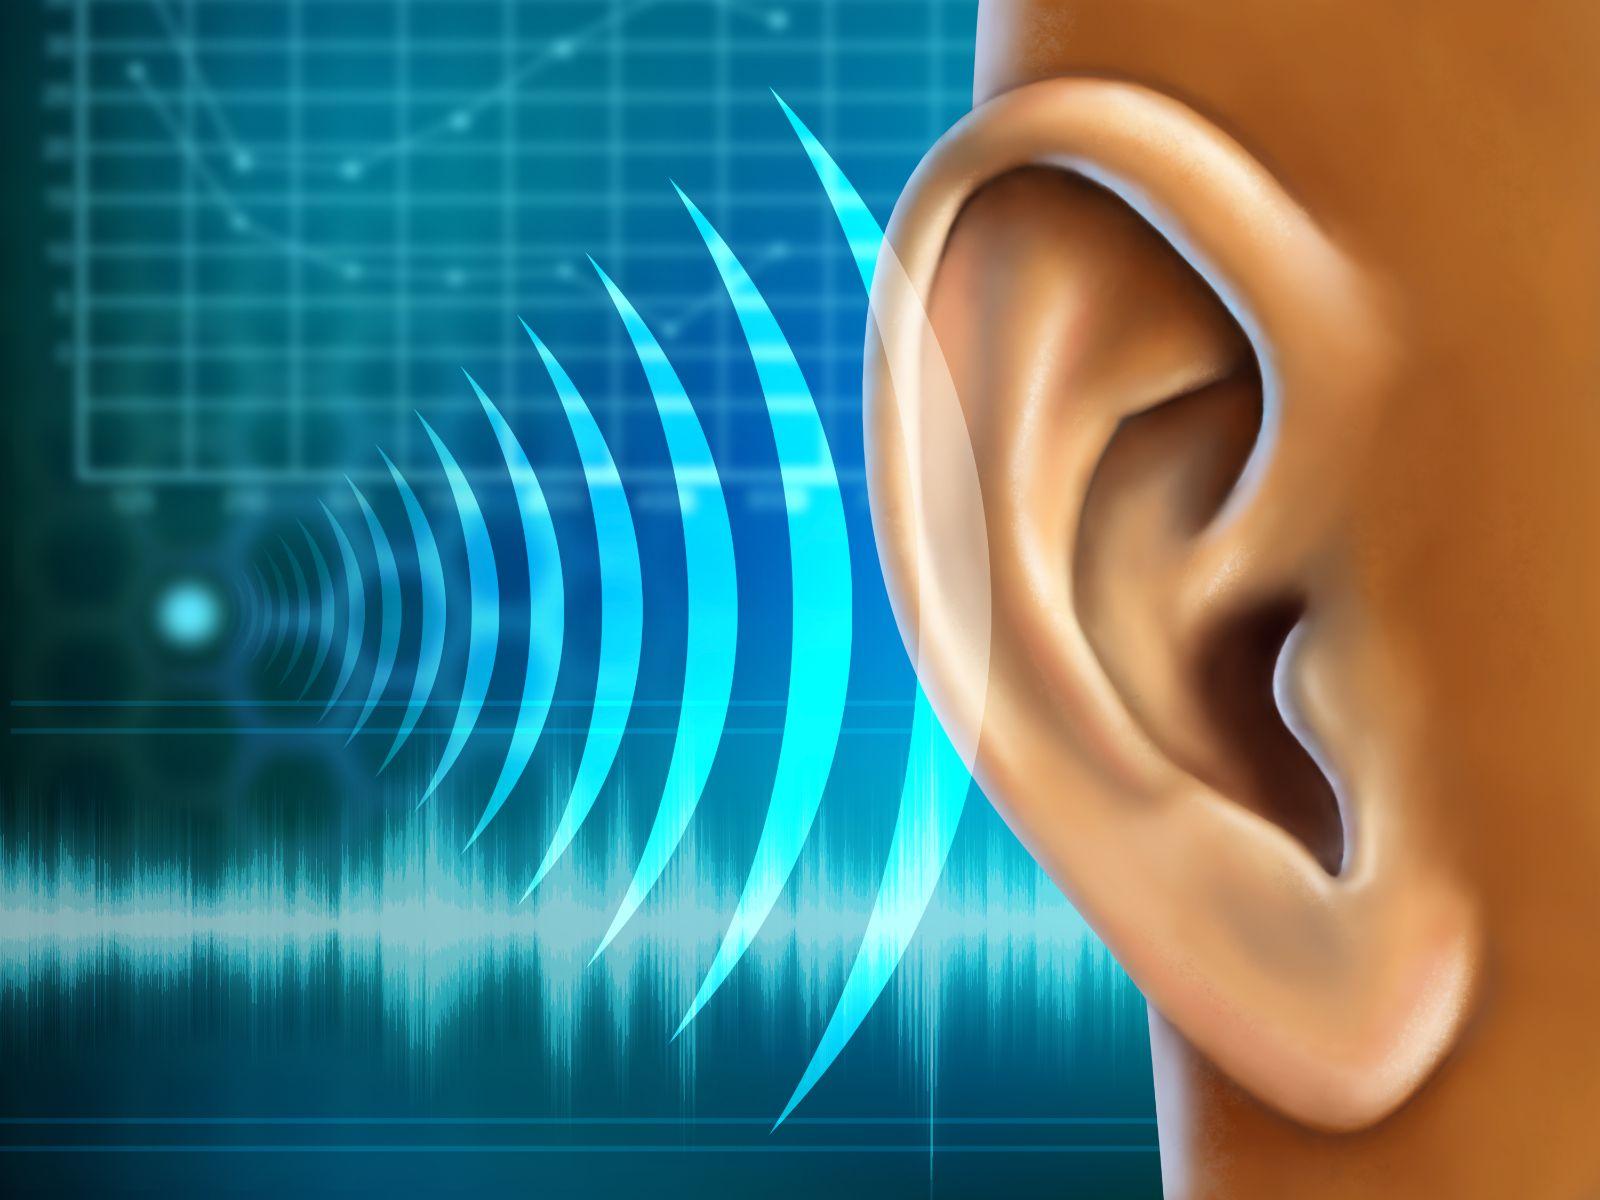 Ilustración de sonido llehando a un oido